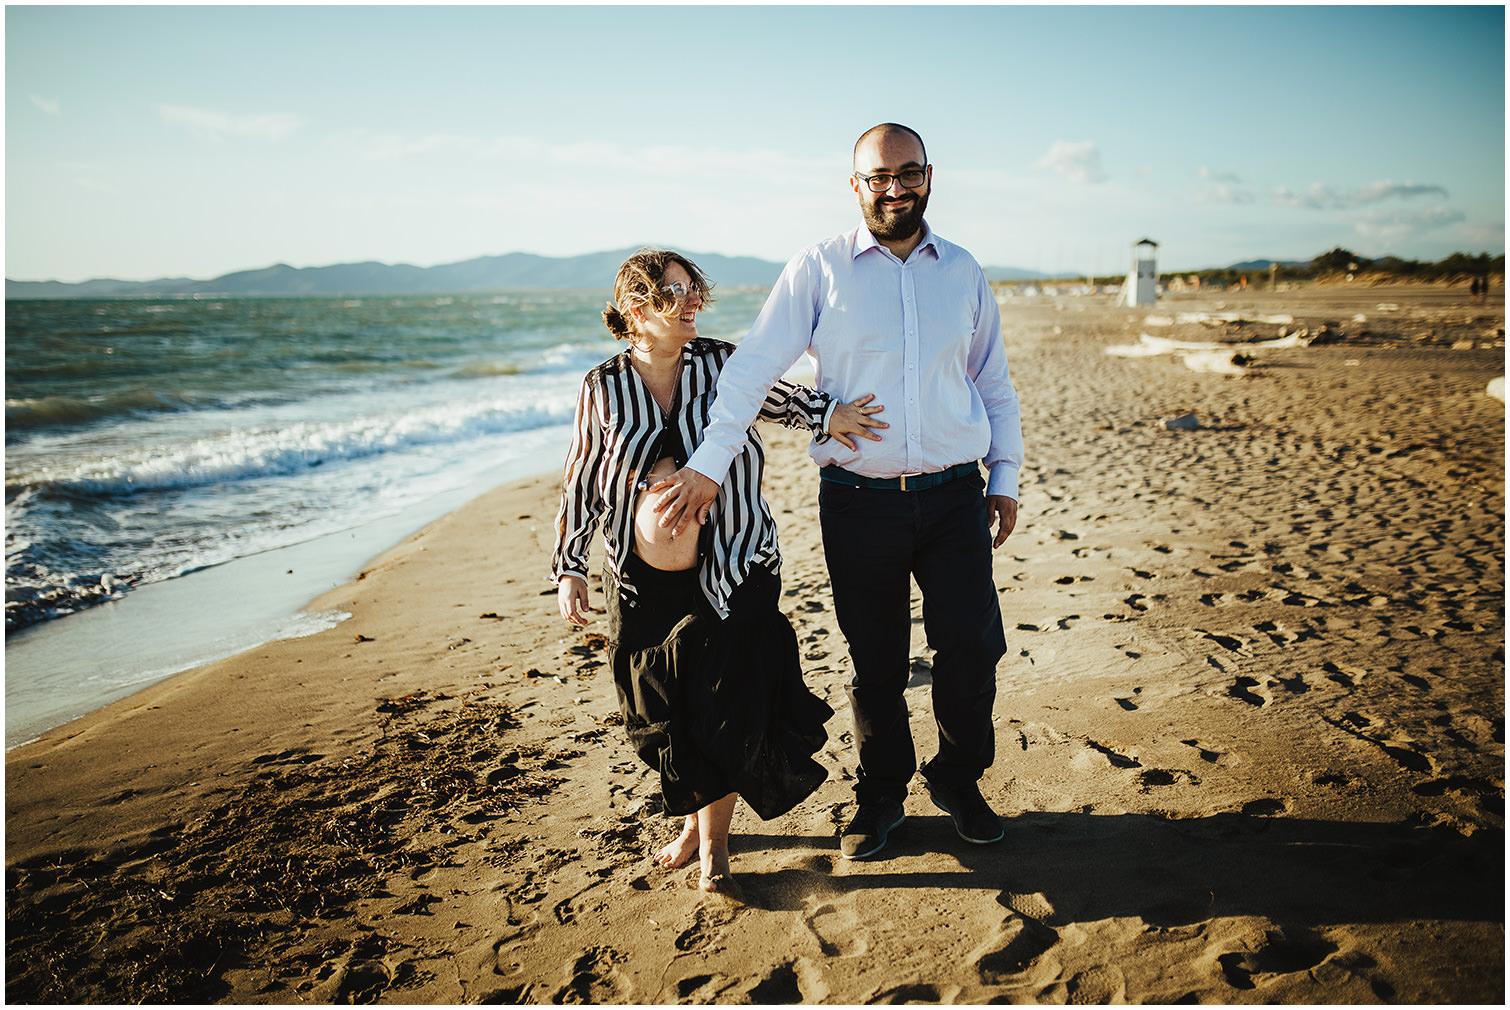 rosi-miche-maternity-session-sara-lorenzoni-fotografia-arezzo-grosseto-fotografo-matrimonio-16